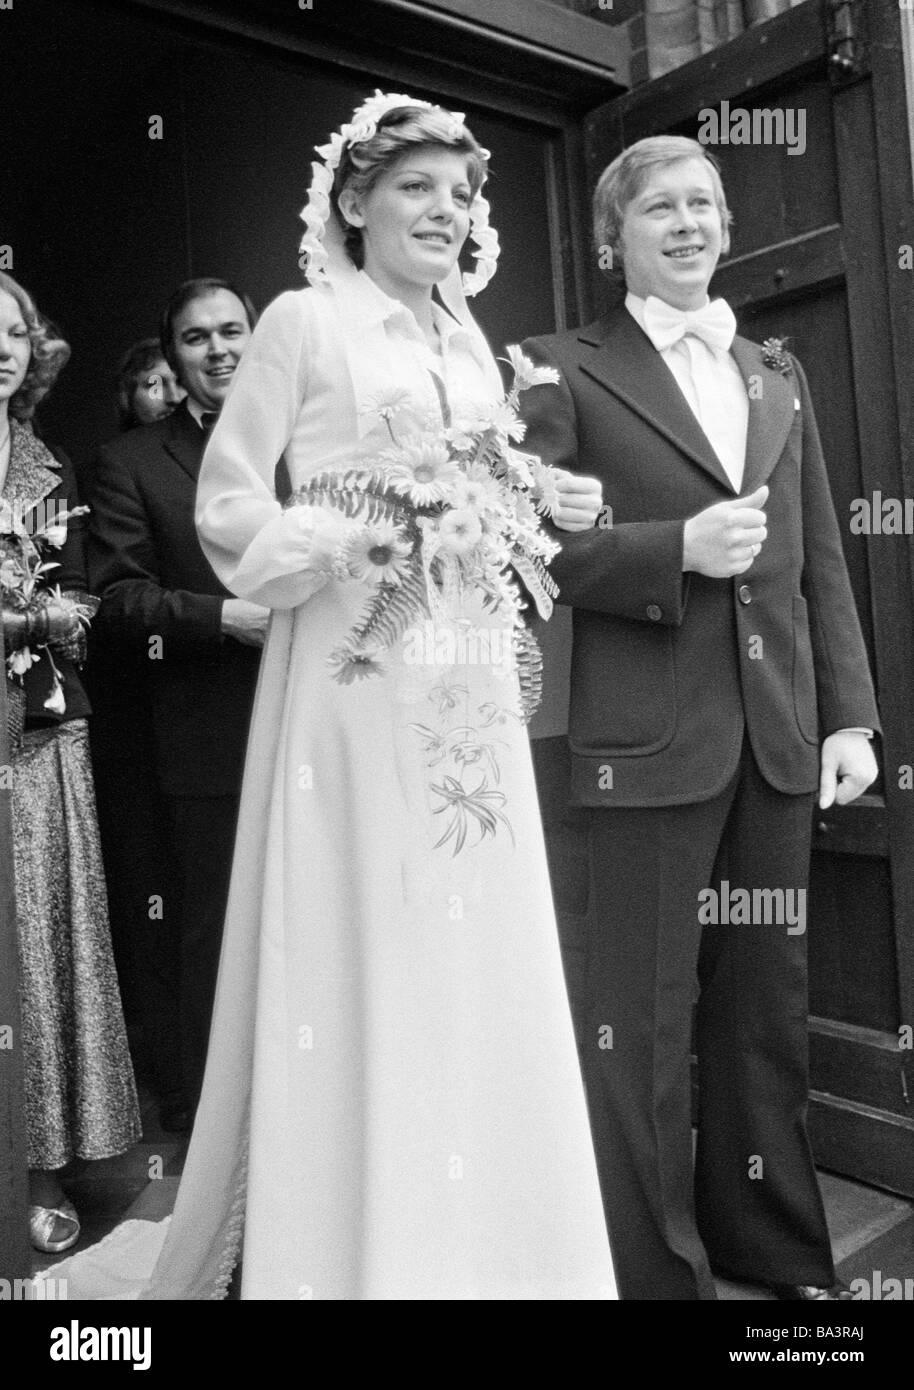 Matrimonio In Nero : Negli anni settanta foto in bianco e nero matrimonio matrimonio